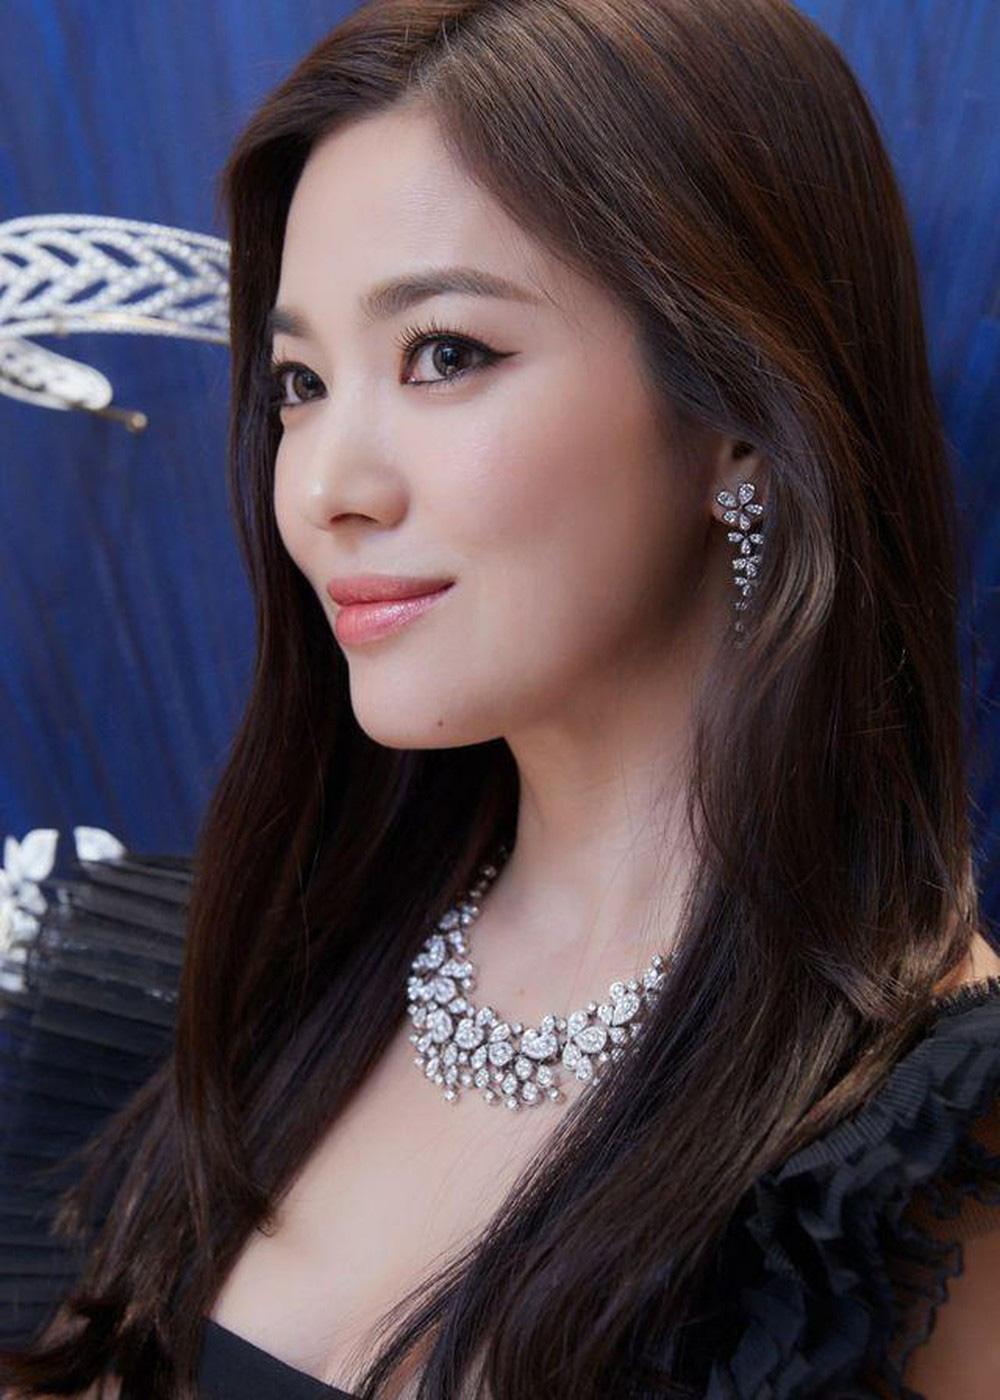 Song Hye Kyo trẻ quá nhìn chẳng ra, ngày càng 'lồng lộn' hậu ly hôn với Song Joong Ki 1